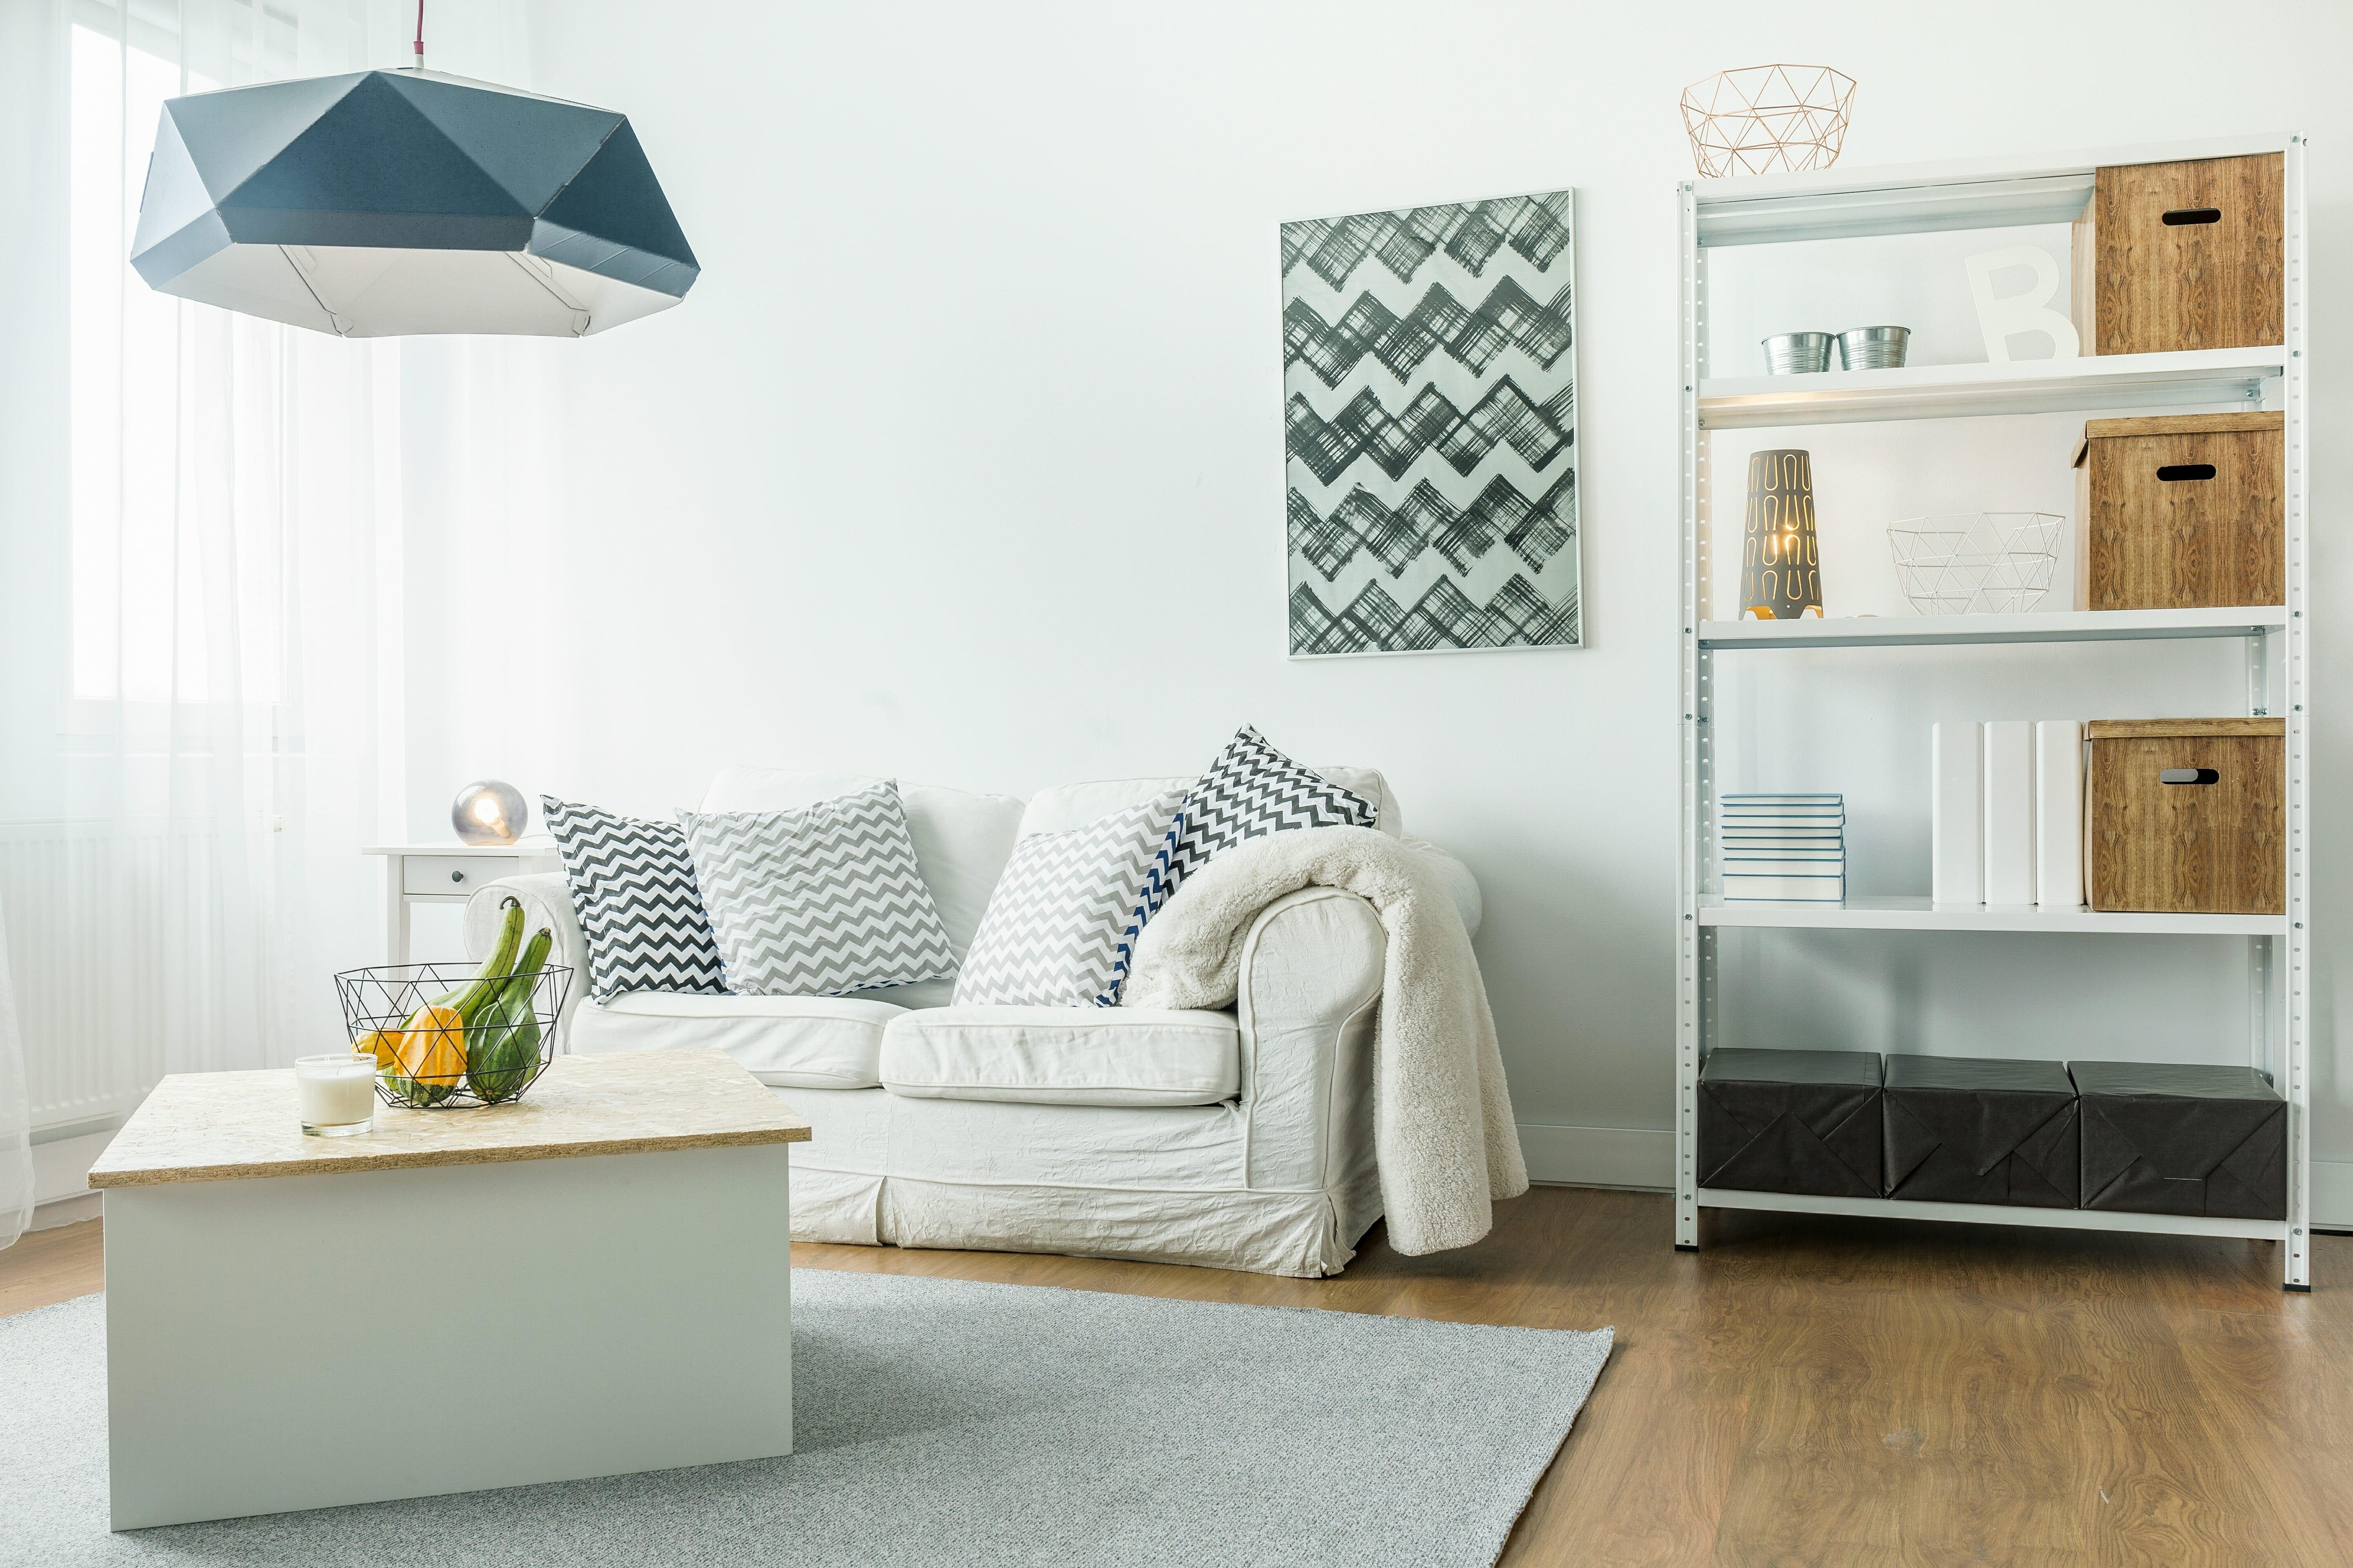 Minimalist Style 101 - Modernize on Minimalist Living Room  id=53113